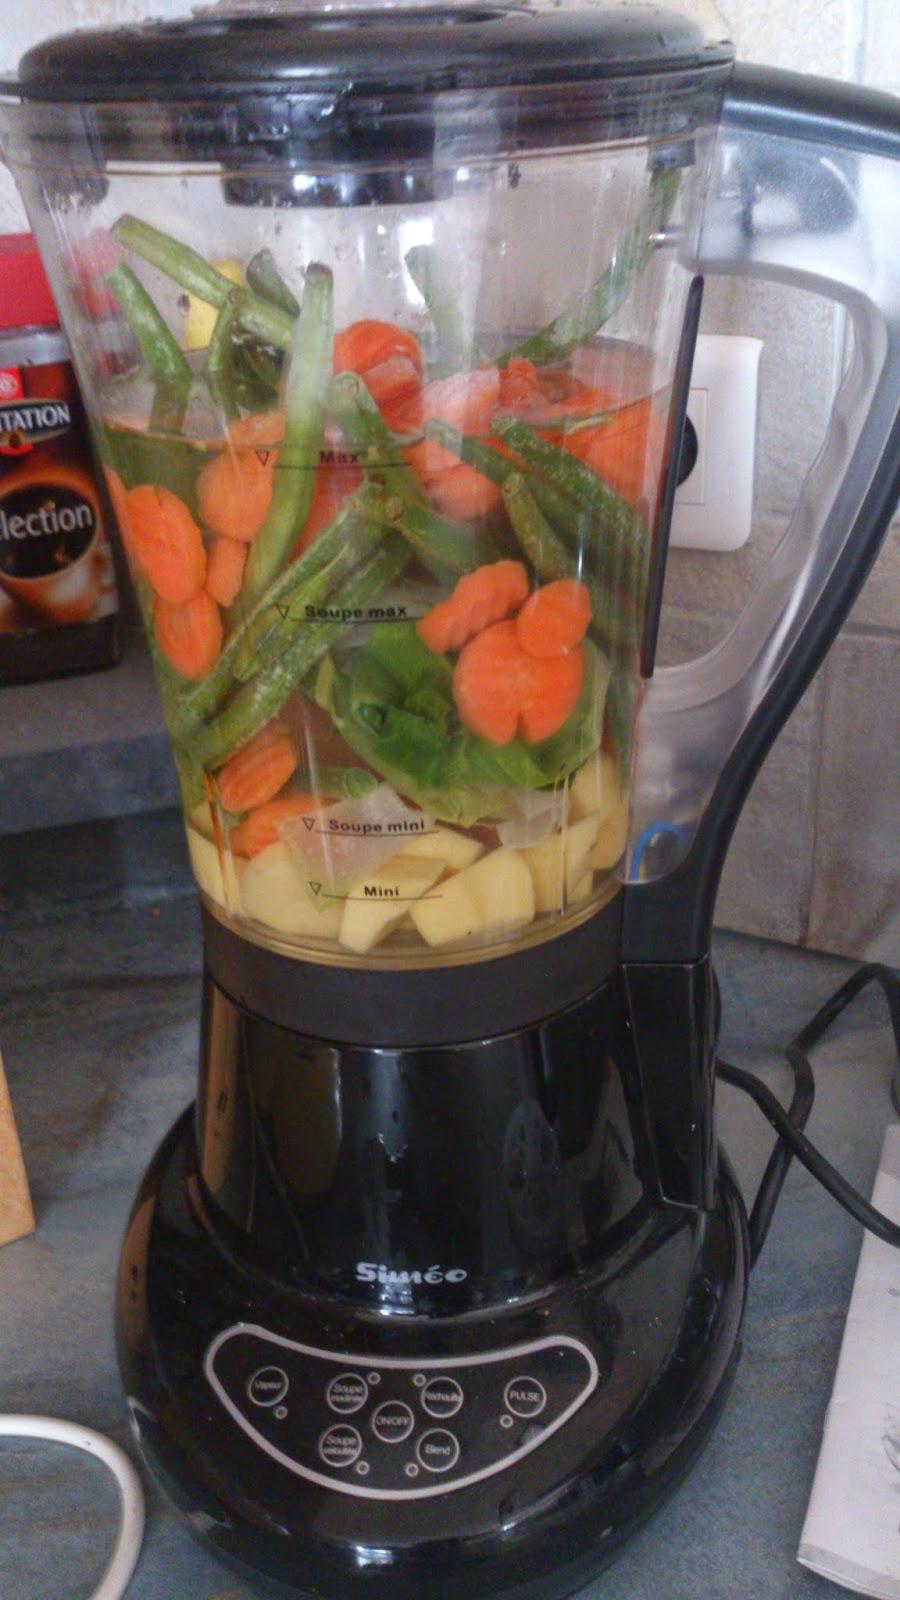 La ptite cuisine de lily v lout s de l gumes au blender chauffant simeo - Soupe blender chauffant ...